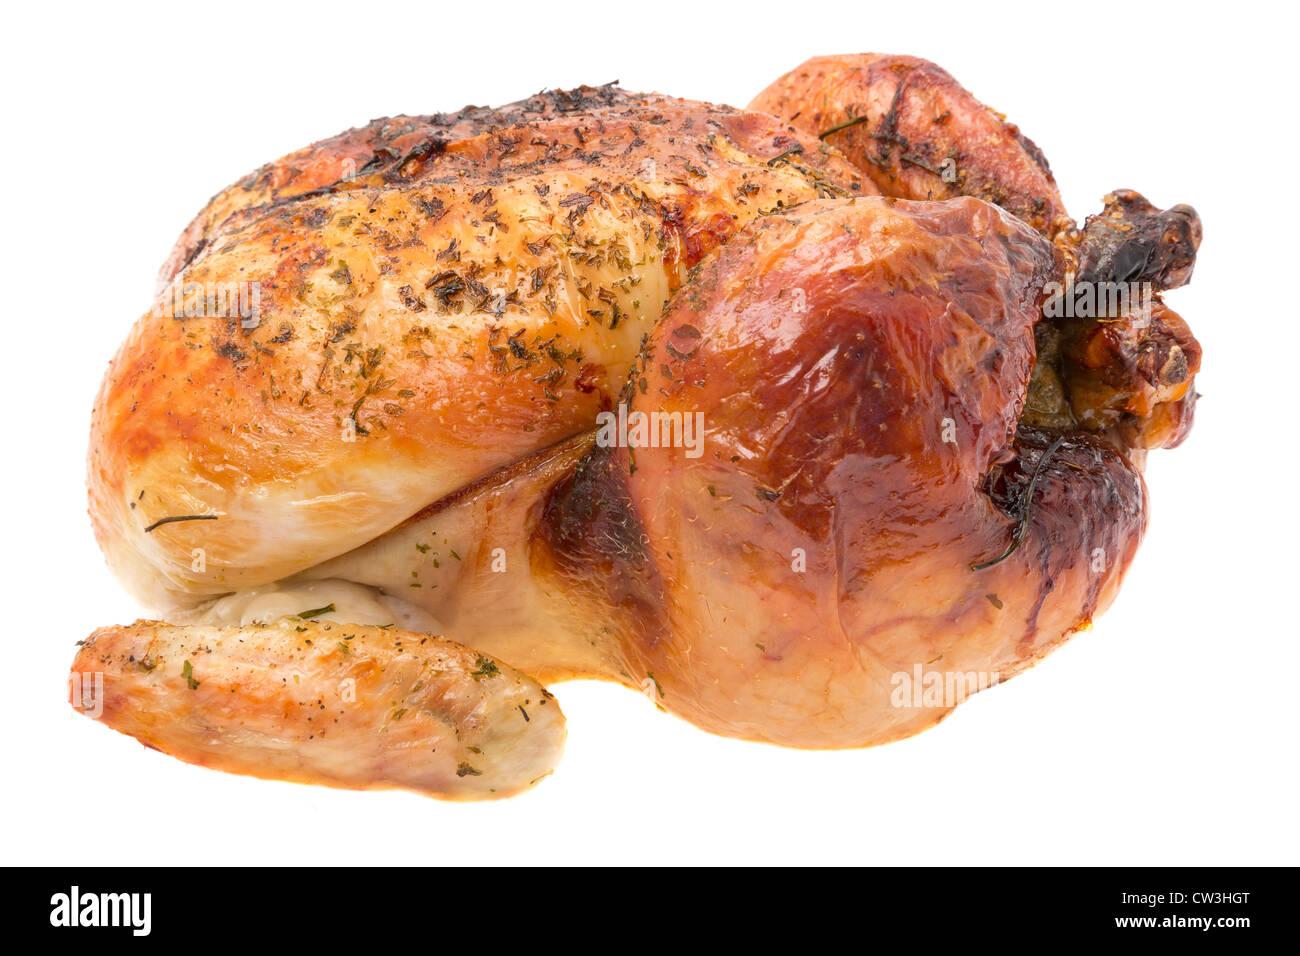 Prêt à manger un poulet fraîchement torréfié - studio photo avec un fond blanc Photo Stock